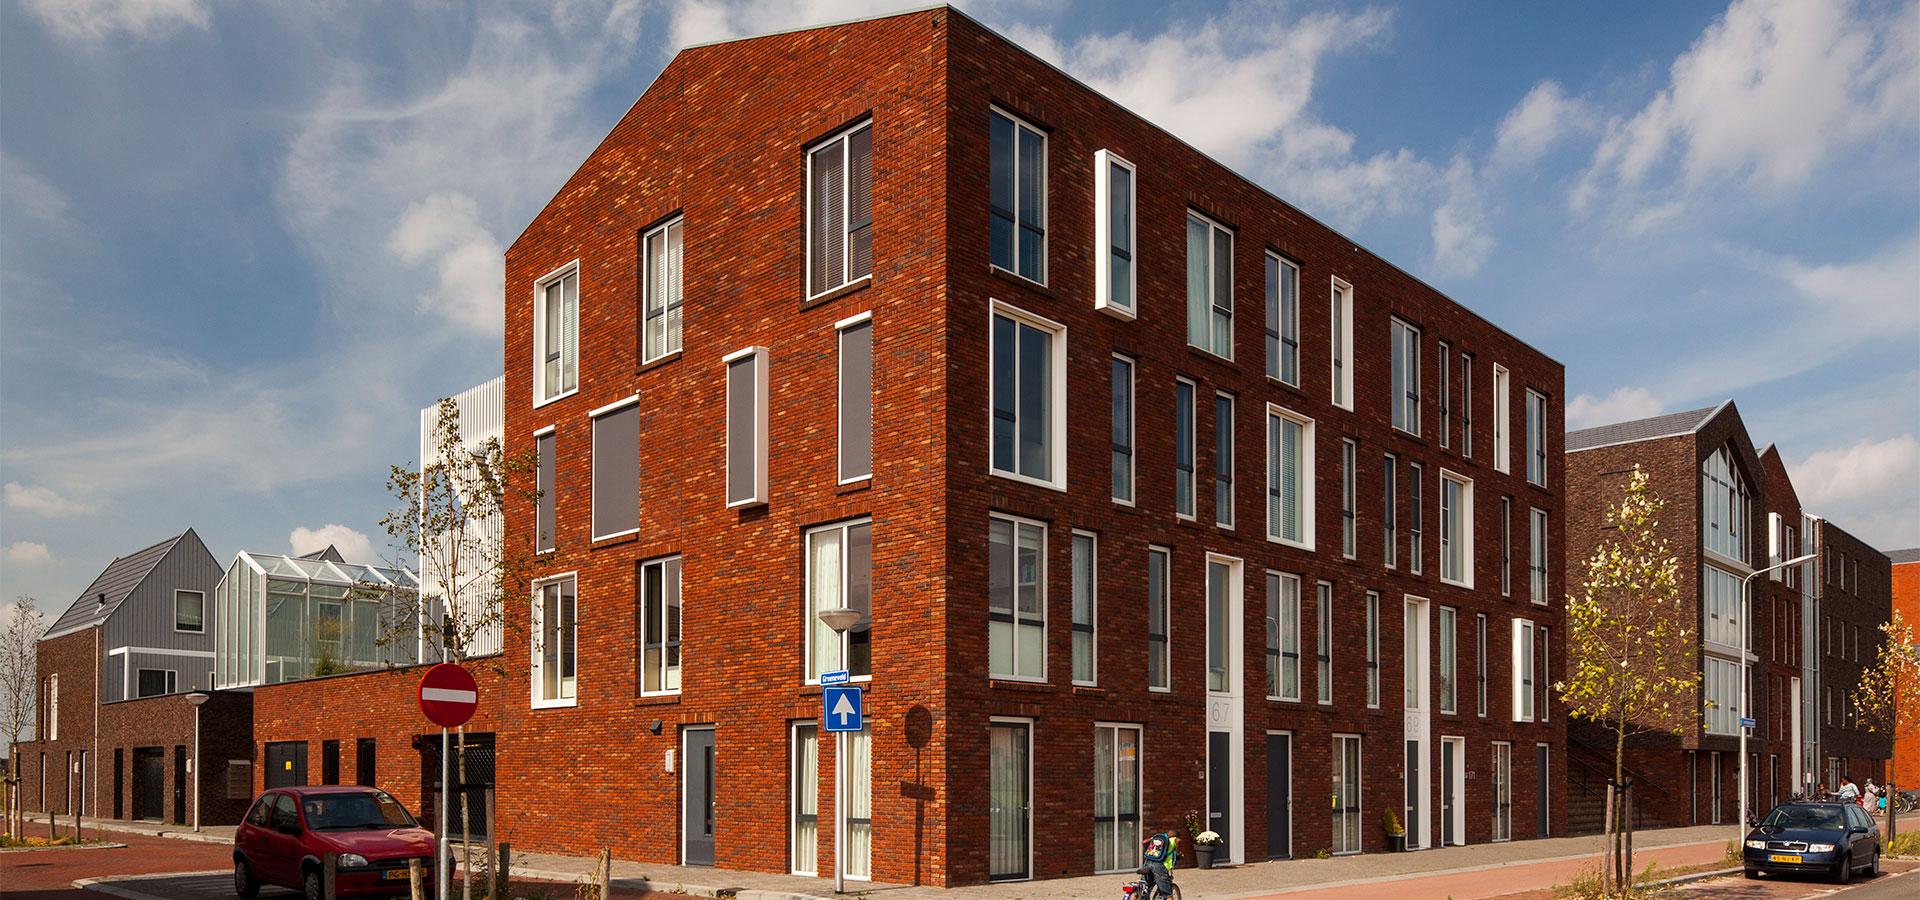 FARO architecten Harnaschpolder Delft 10